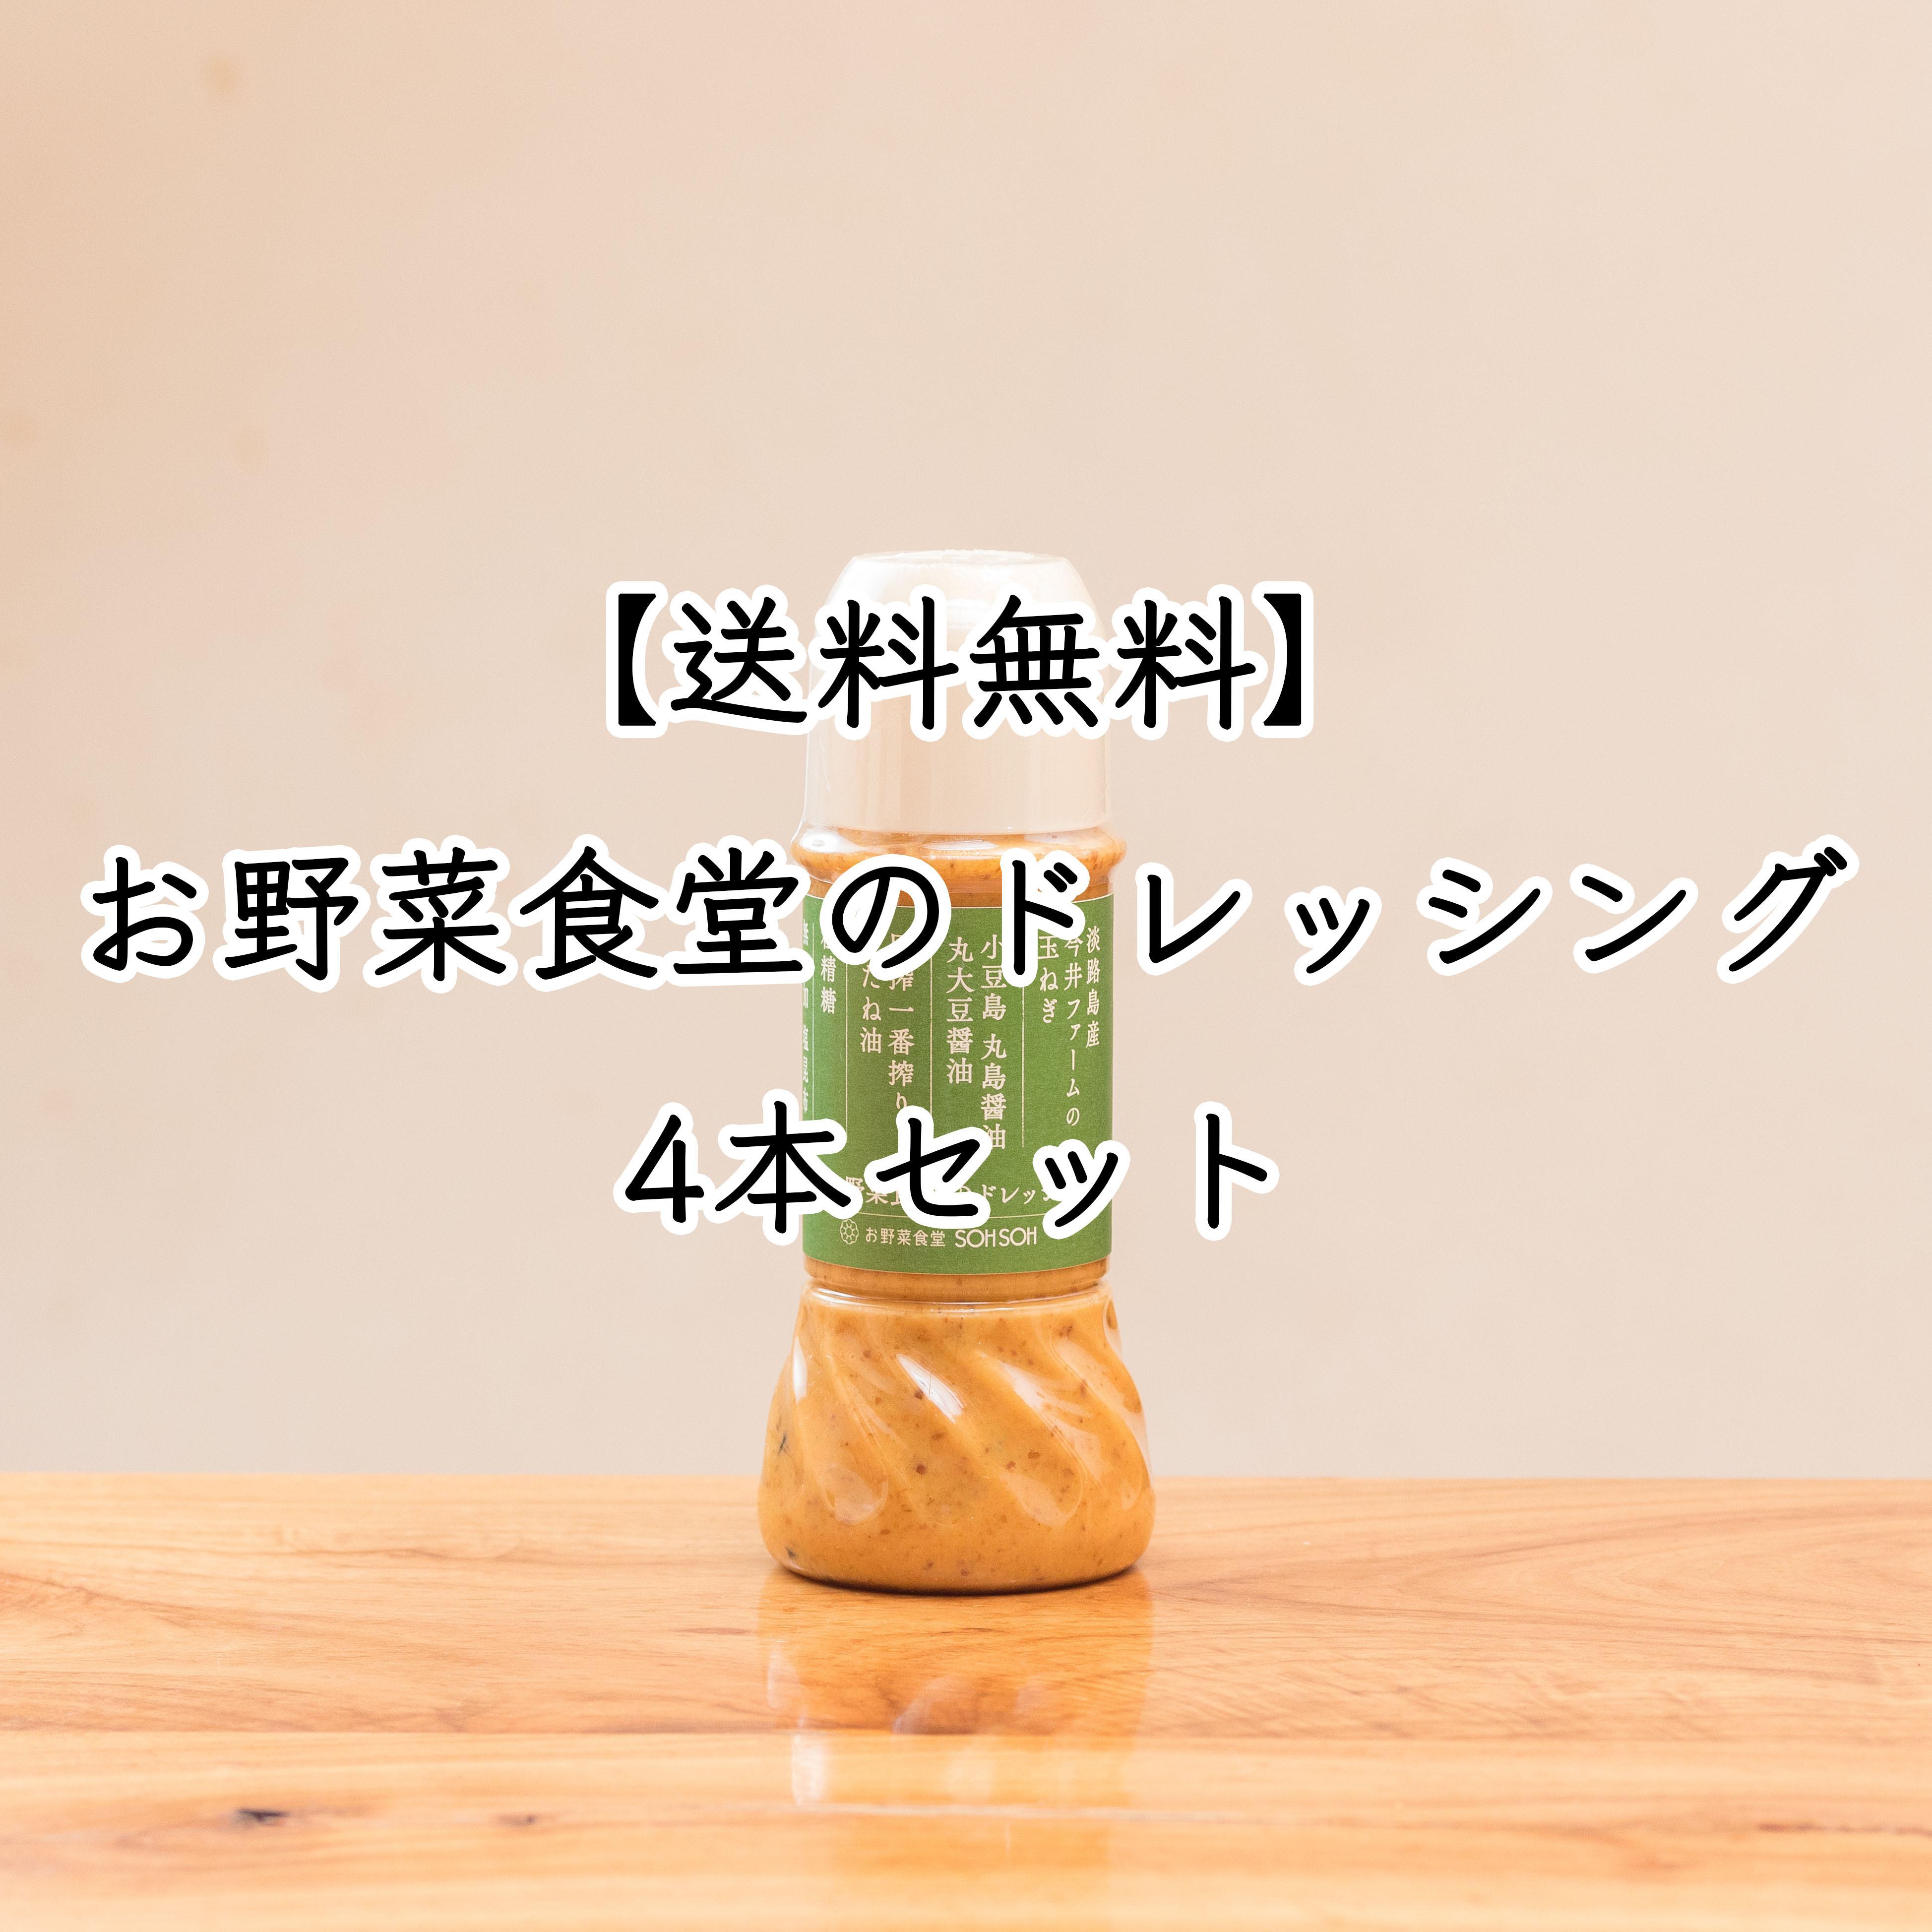 【送料無料】お野菜食堂のドレッシング 4本